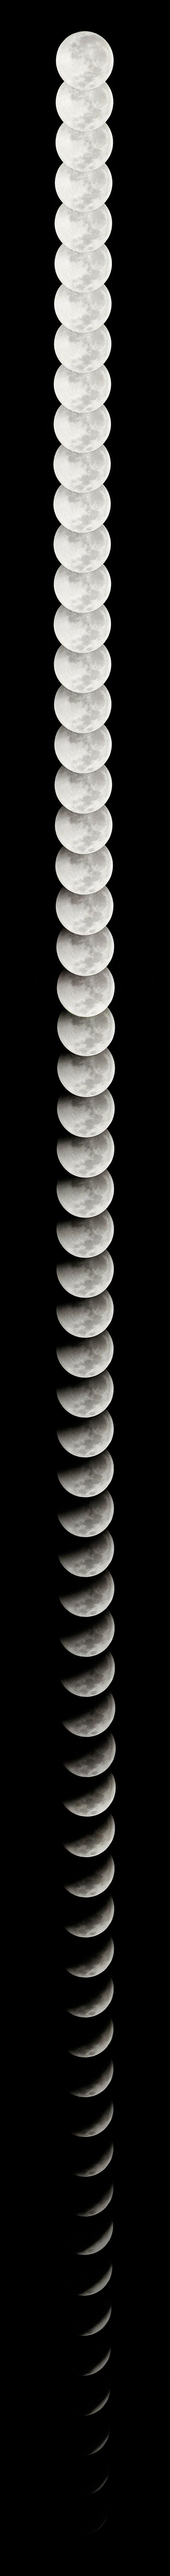 portentous-lunar-eclipse